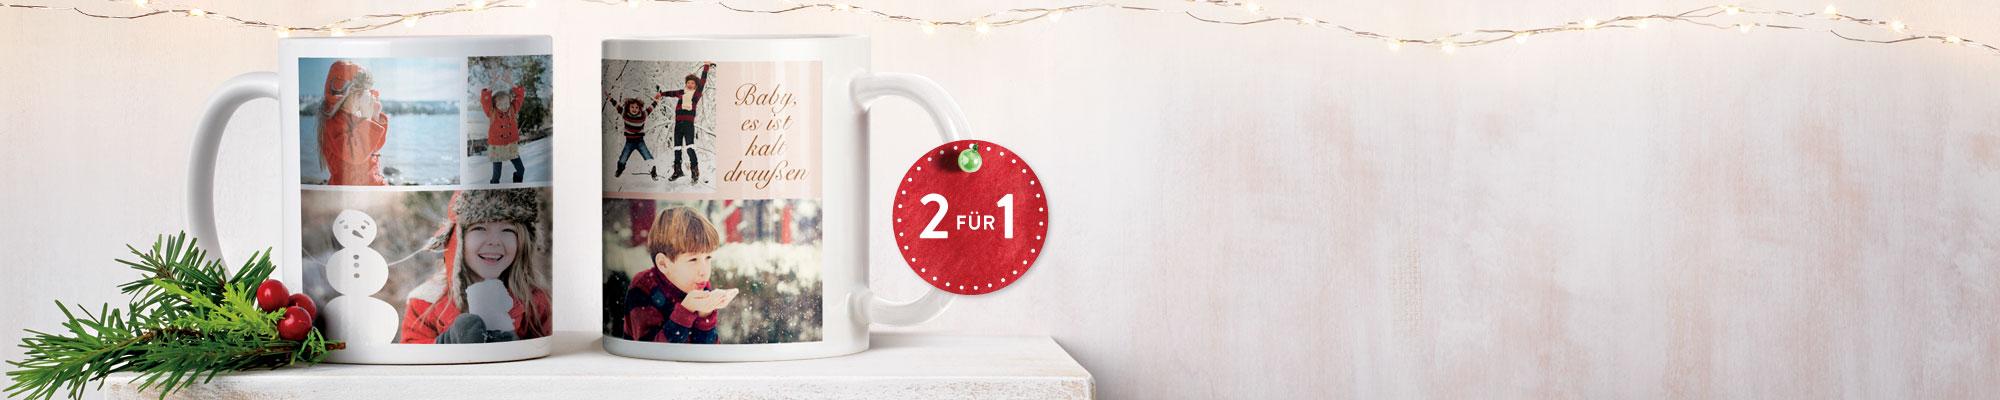 Personalisierte Fotogeschenke : Überraschen Sie mit einzigartigen Geschenken - wie z. Bsp. mit 2 Fototassen zum Preis von einer! Gutscheincode: BEST416